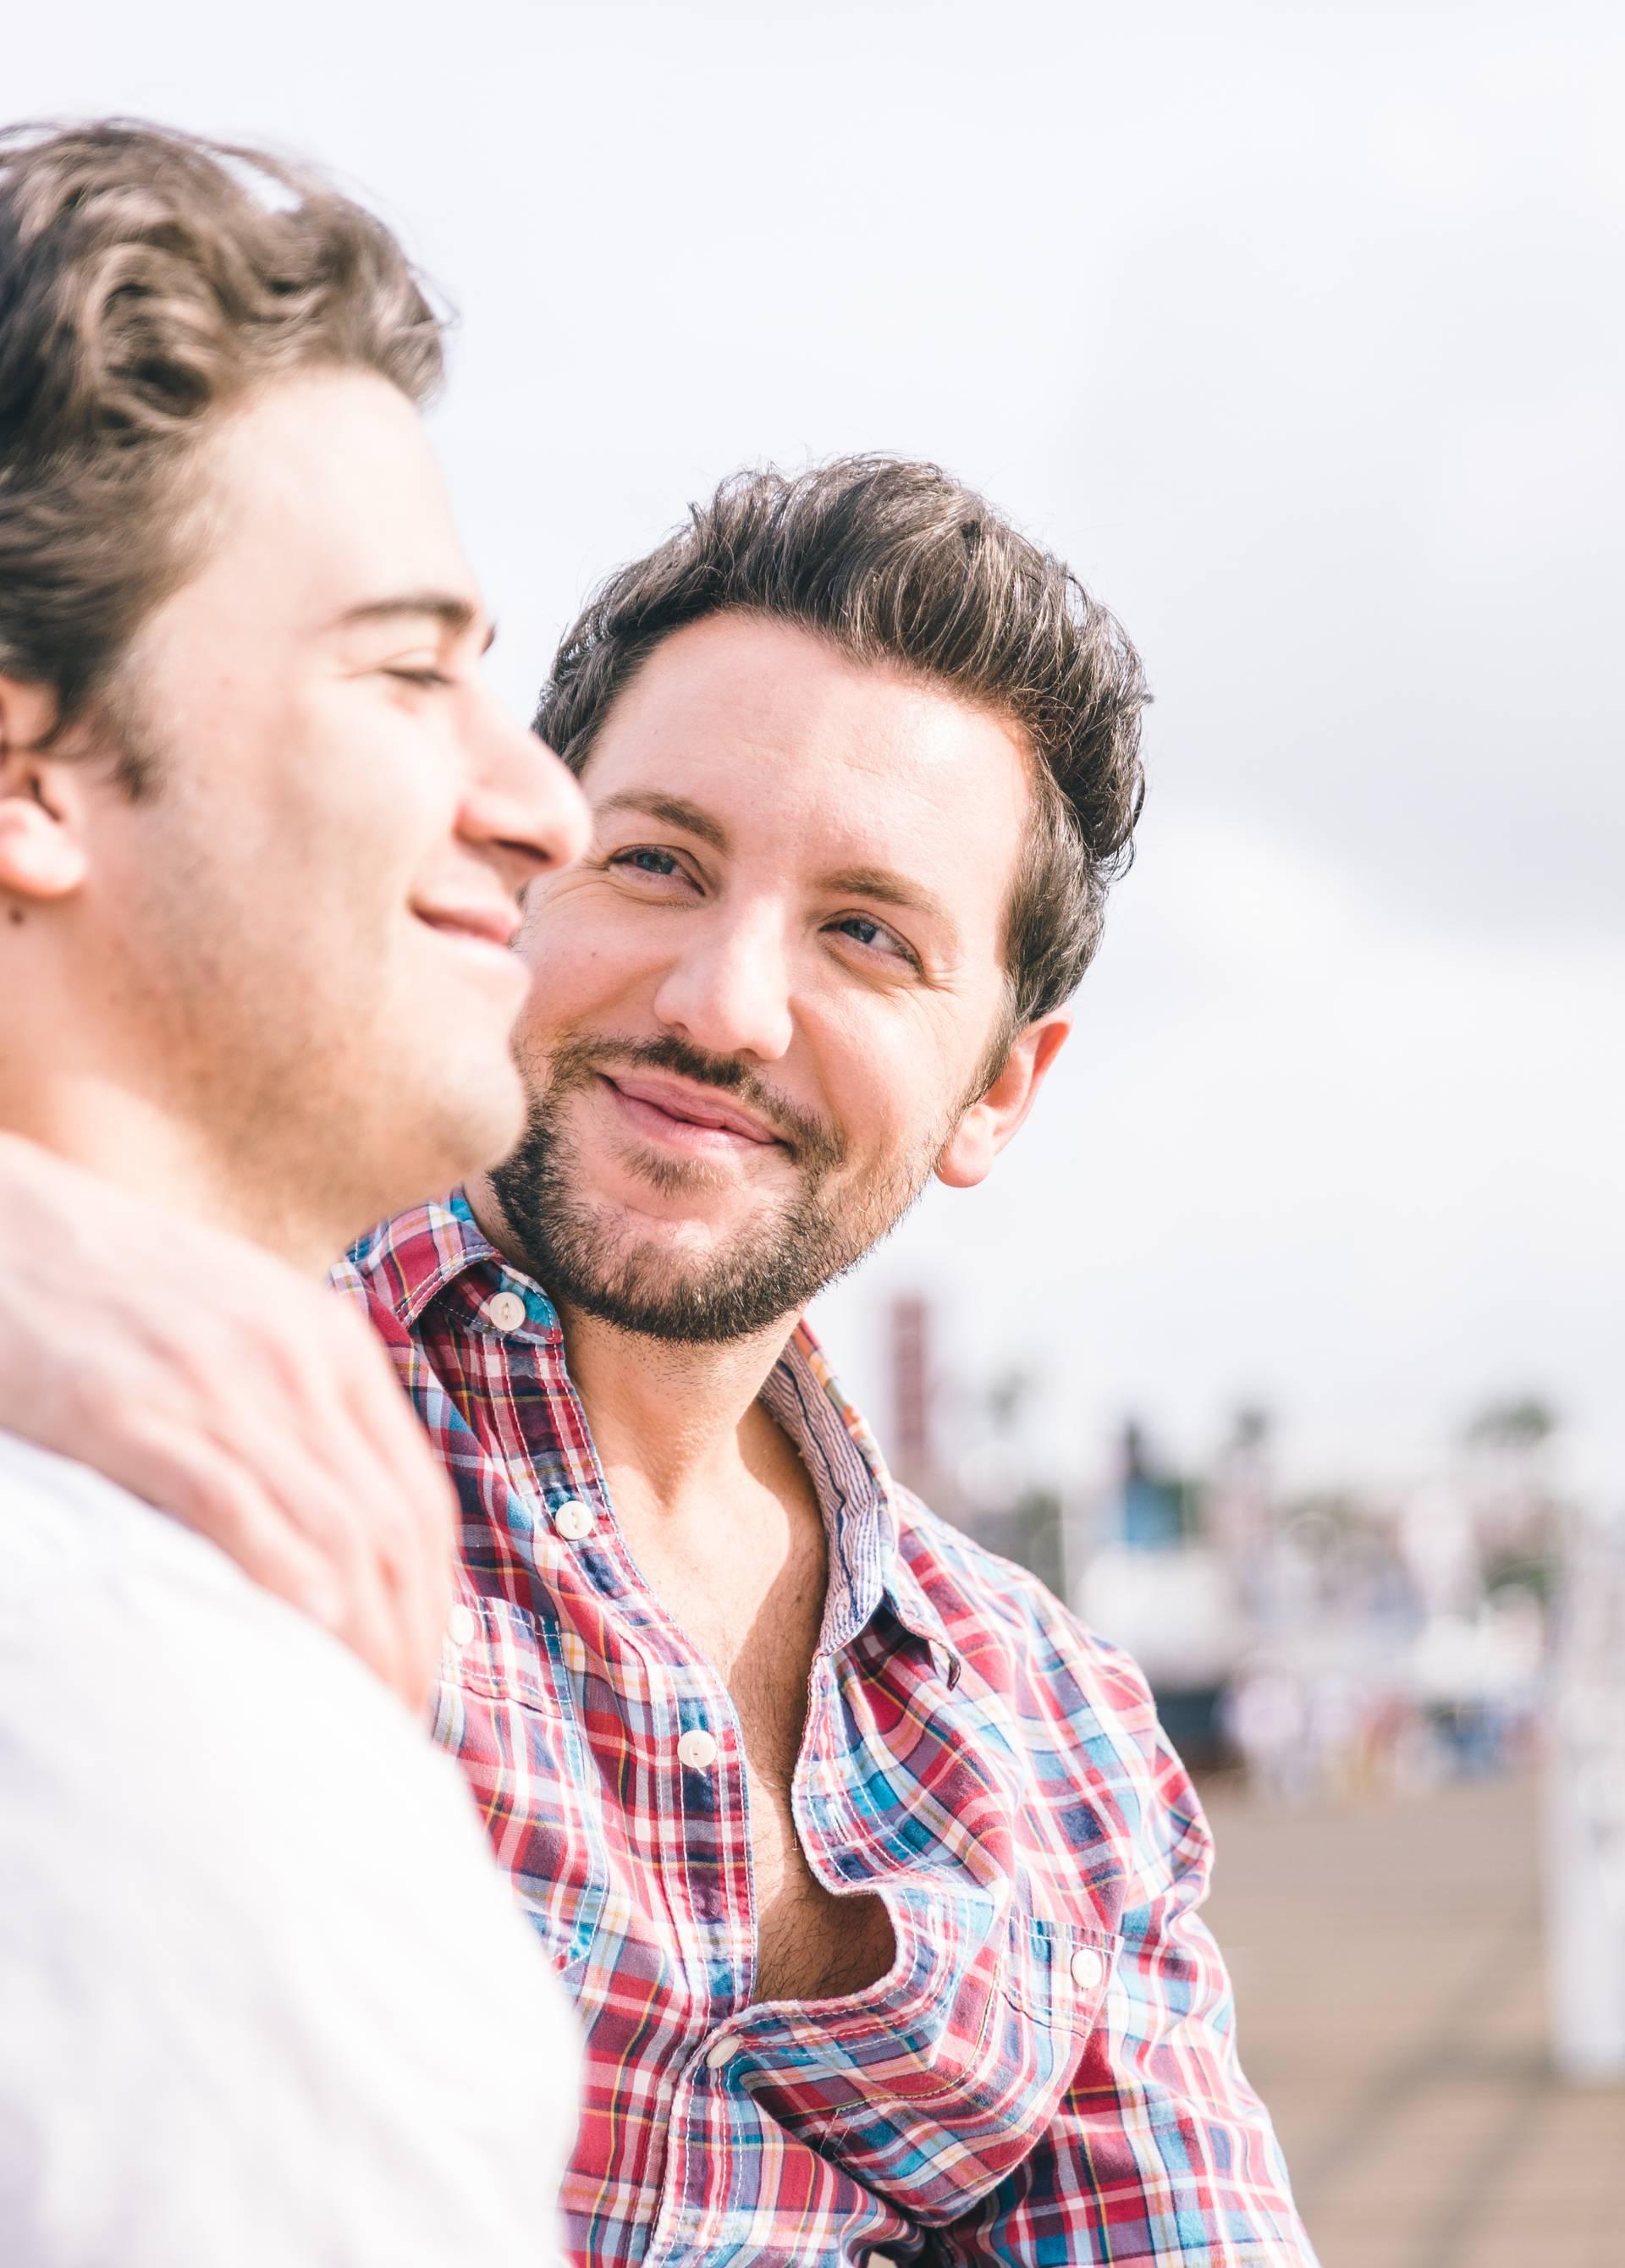 'Bio sam siguran da sam gay sve dok se nisam zaljubio u svoju najbolju prijateljicu'